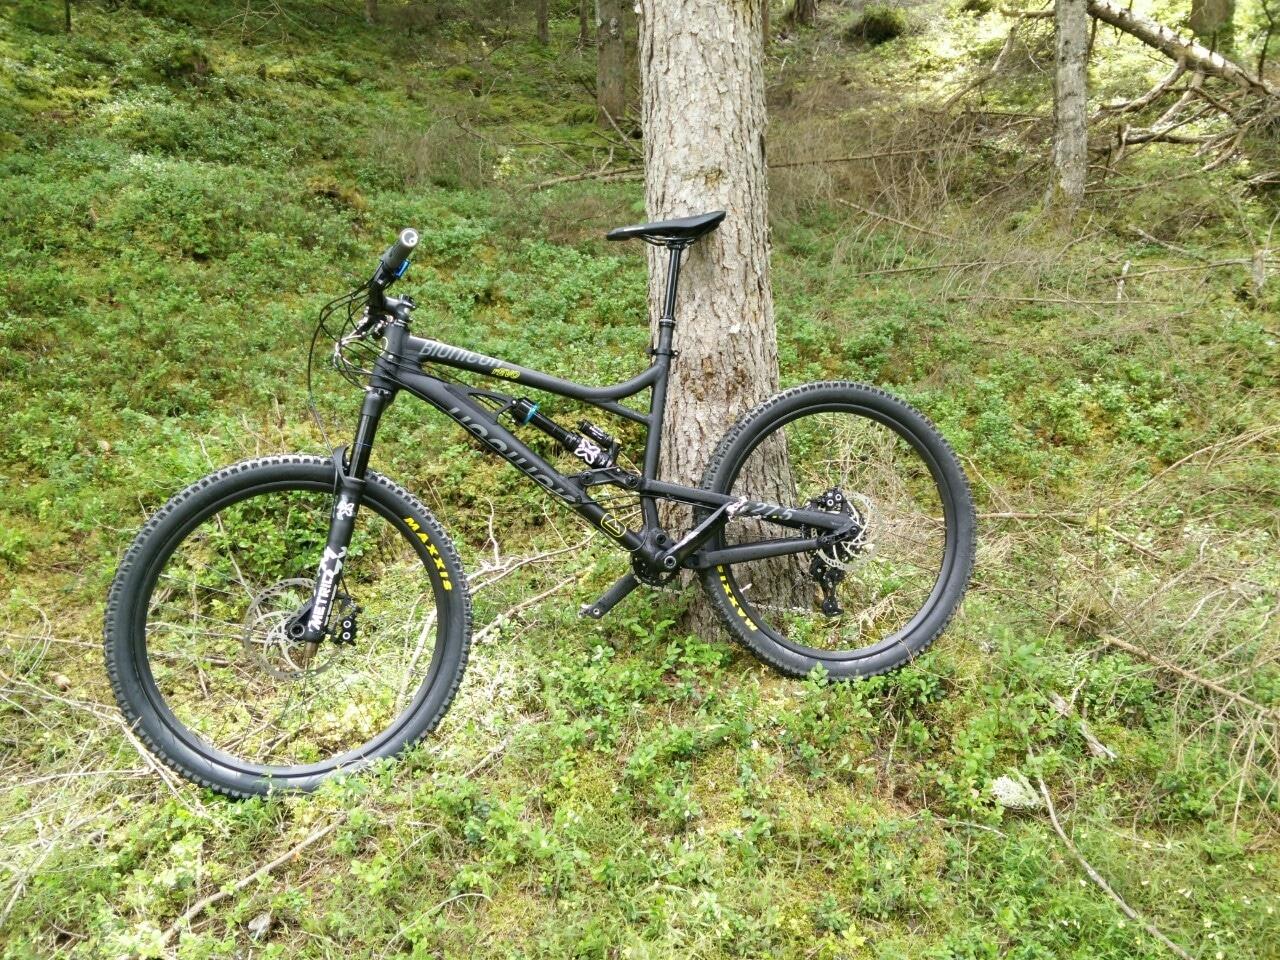 Bionicon rEvo ein Bike mit Nische